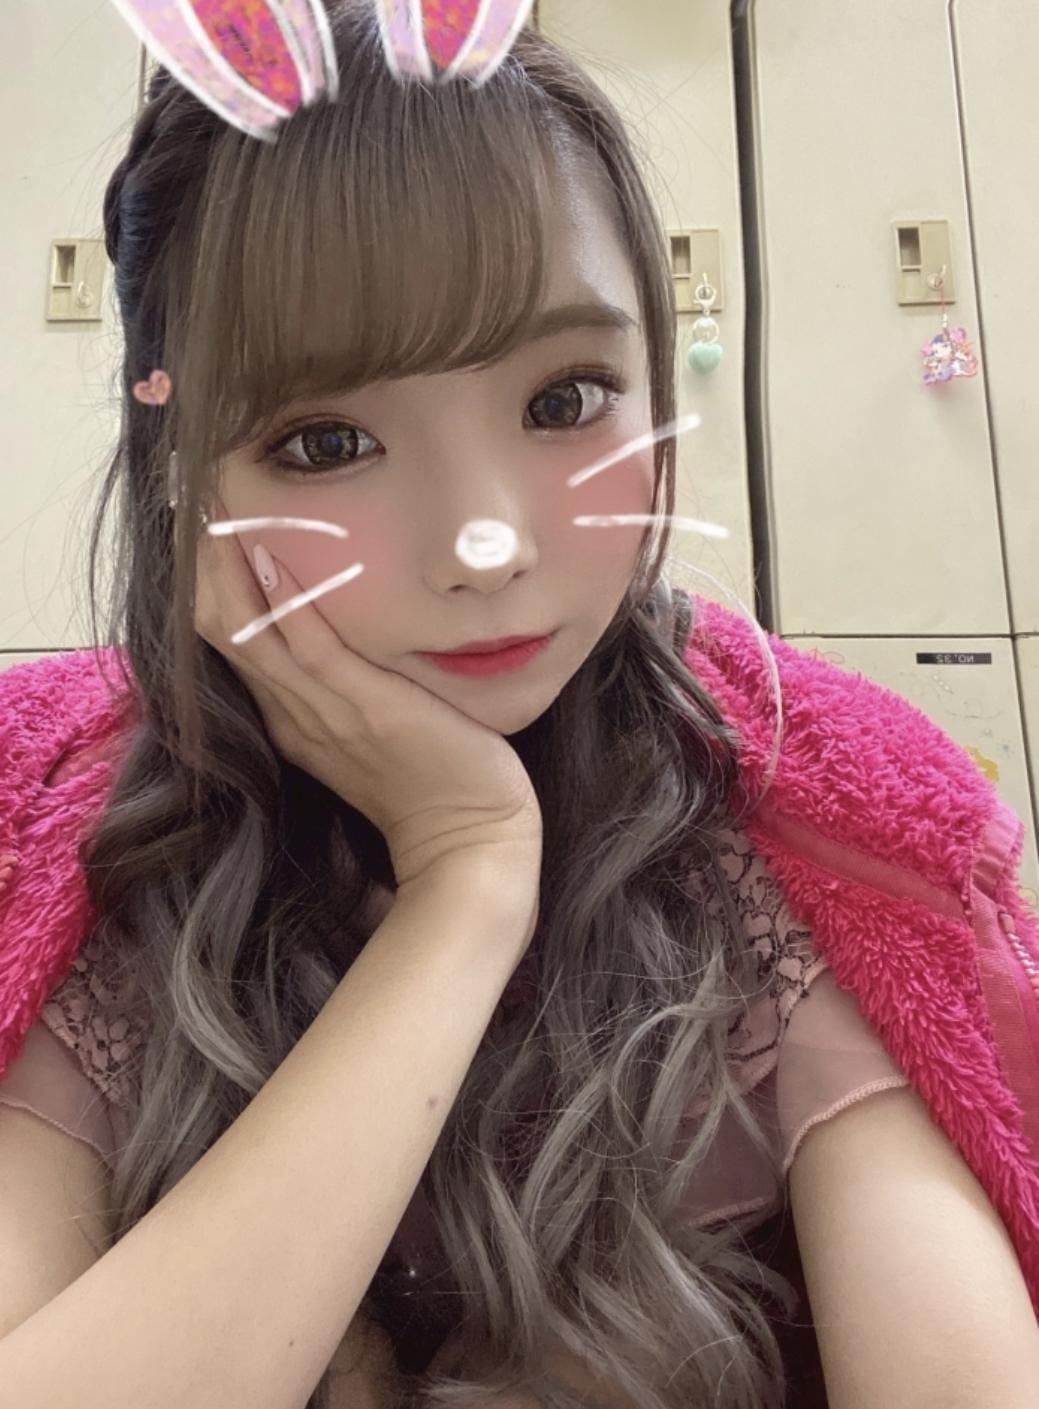 「イチャイチャしよ♡」09/28日(月) 16:12 | るなの写メ・風俗動画